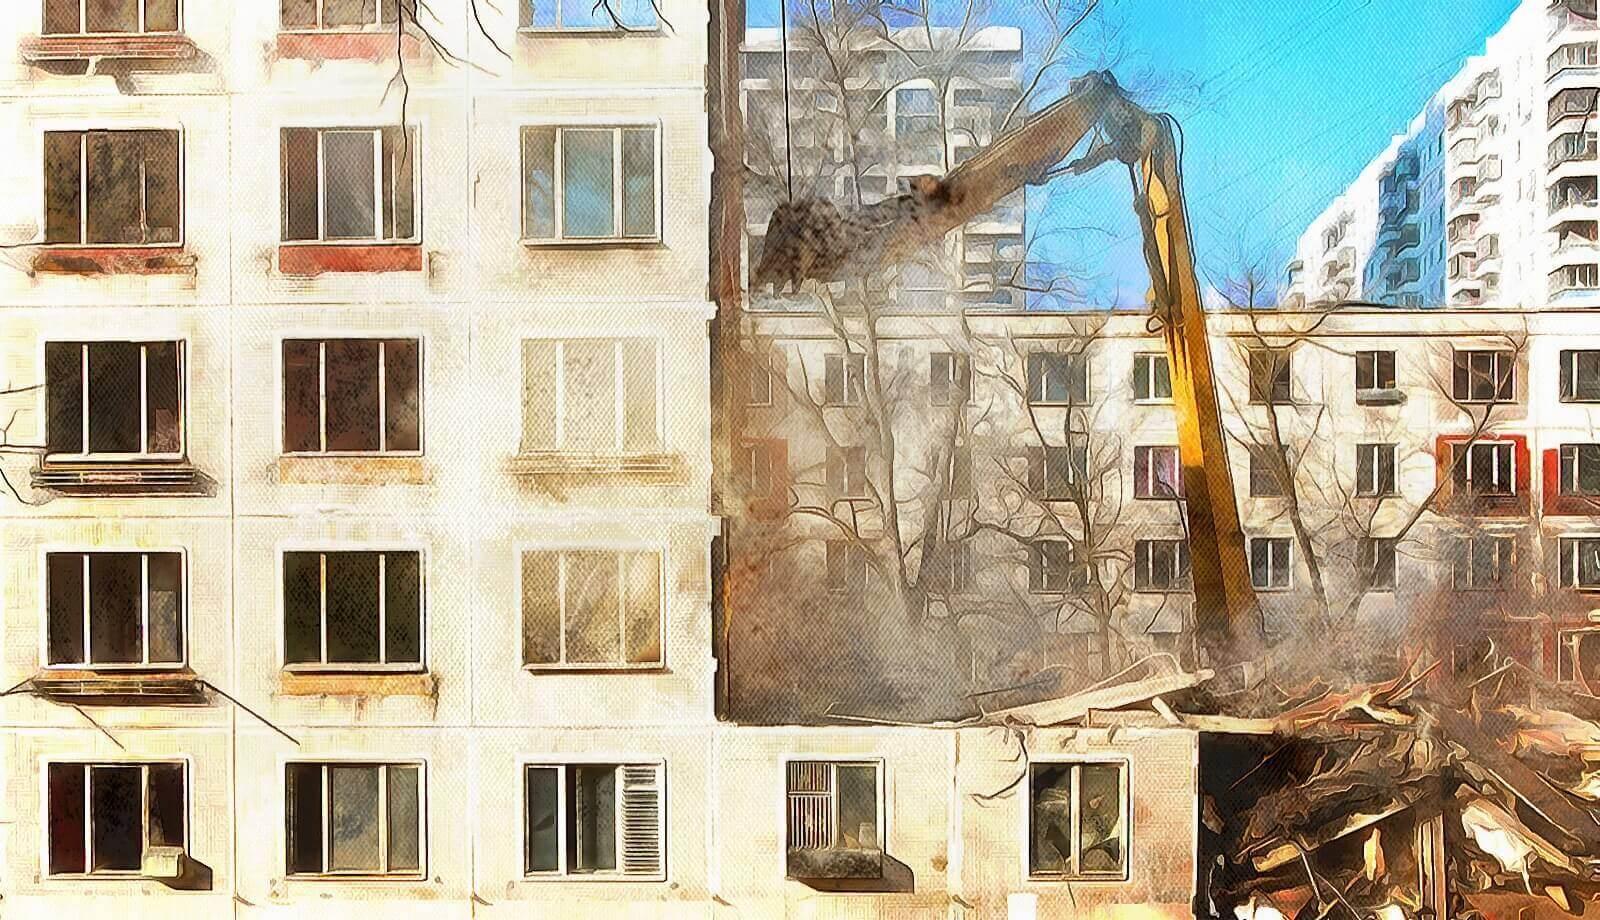 Можно ли взять ипотеку на квартиру в доме под реновацию?